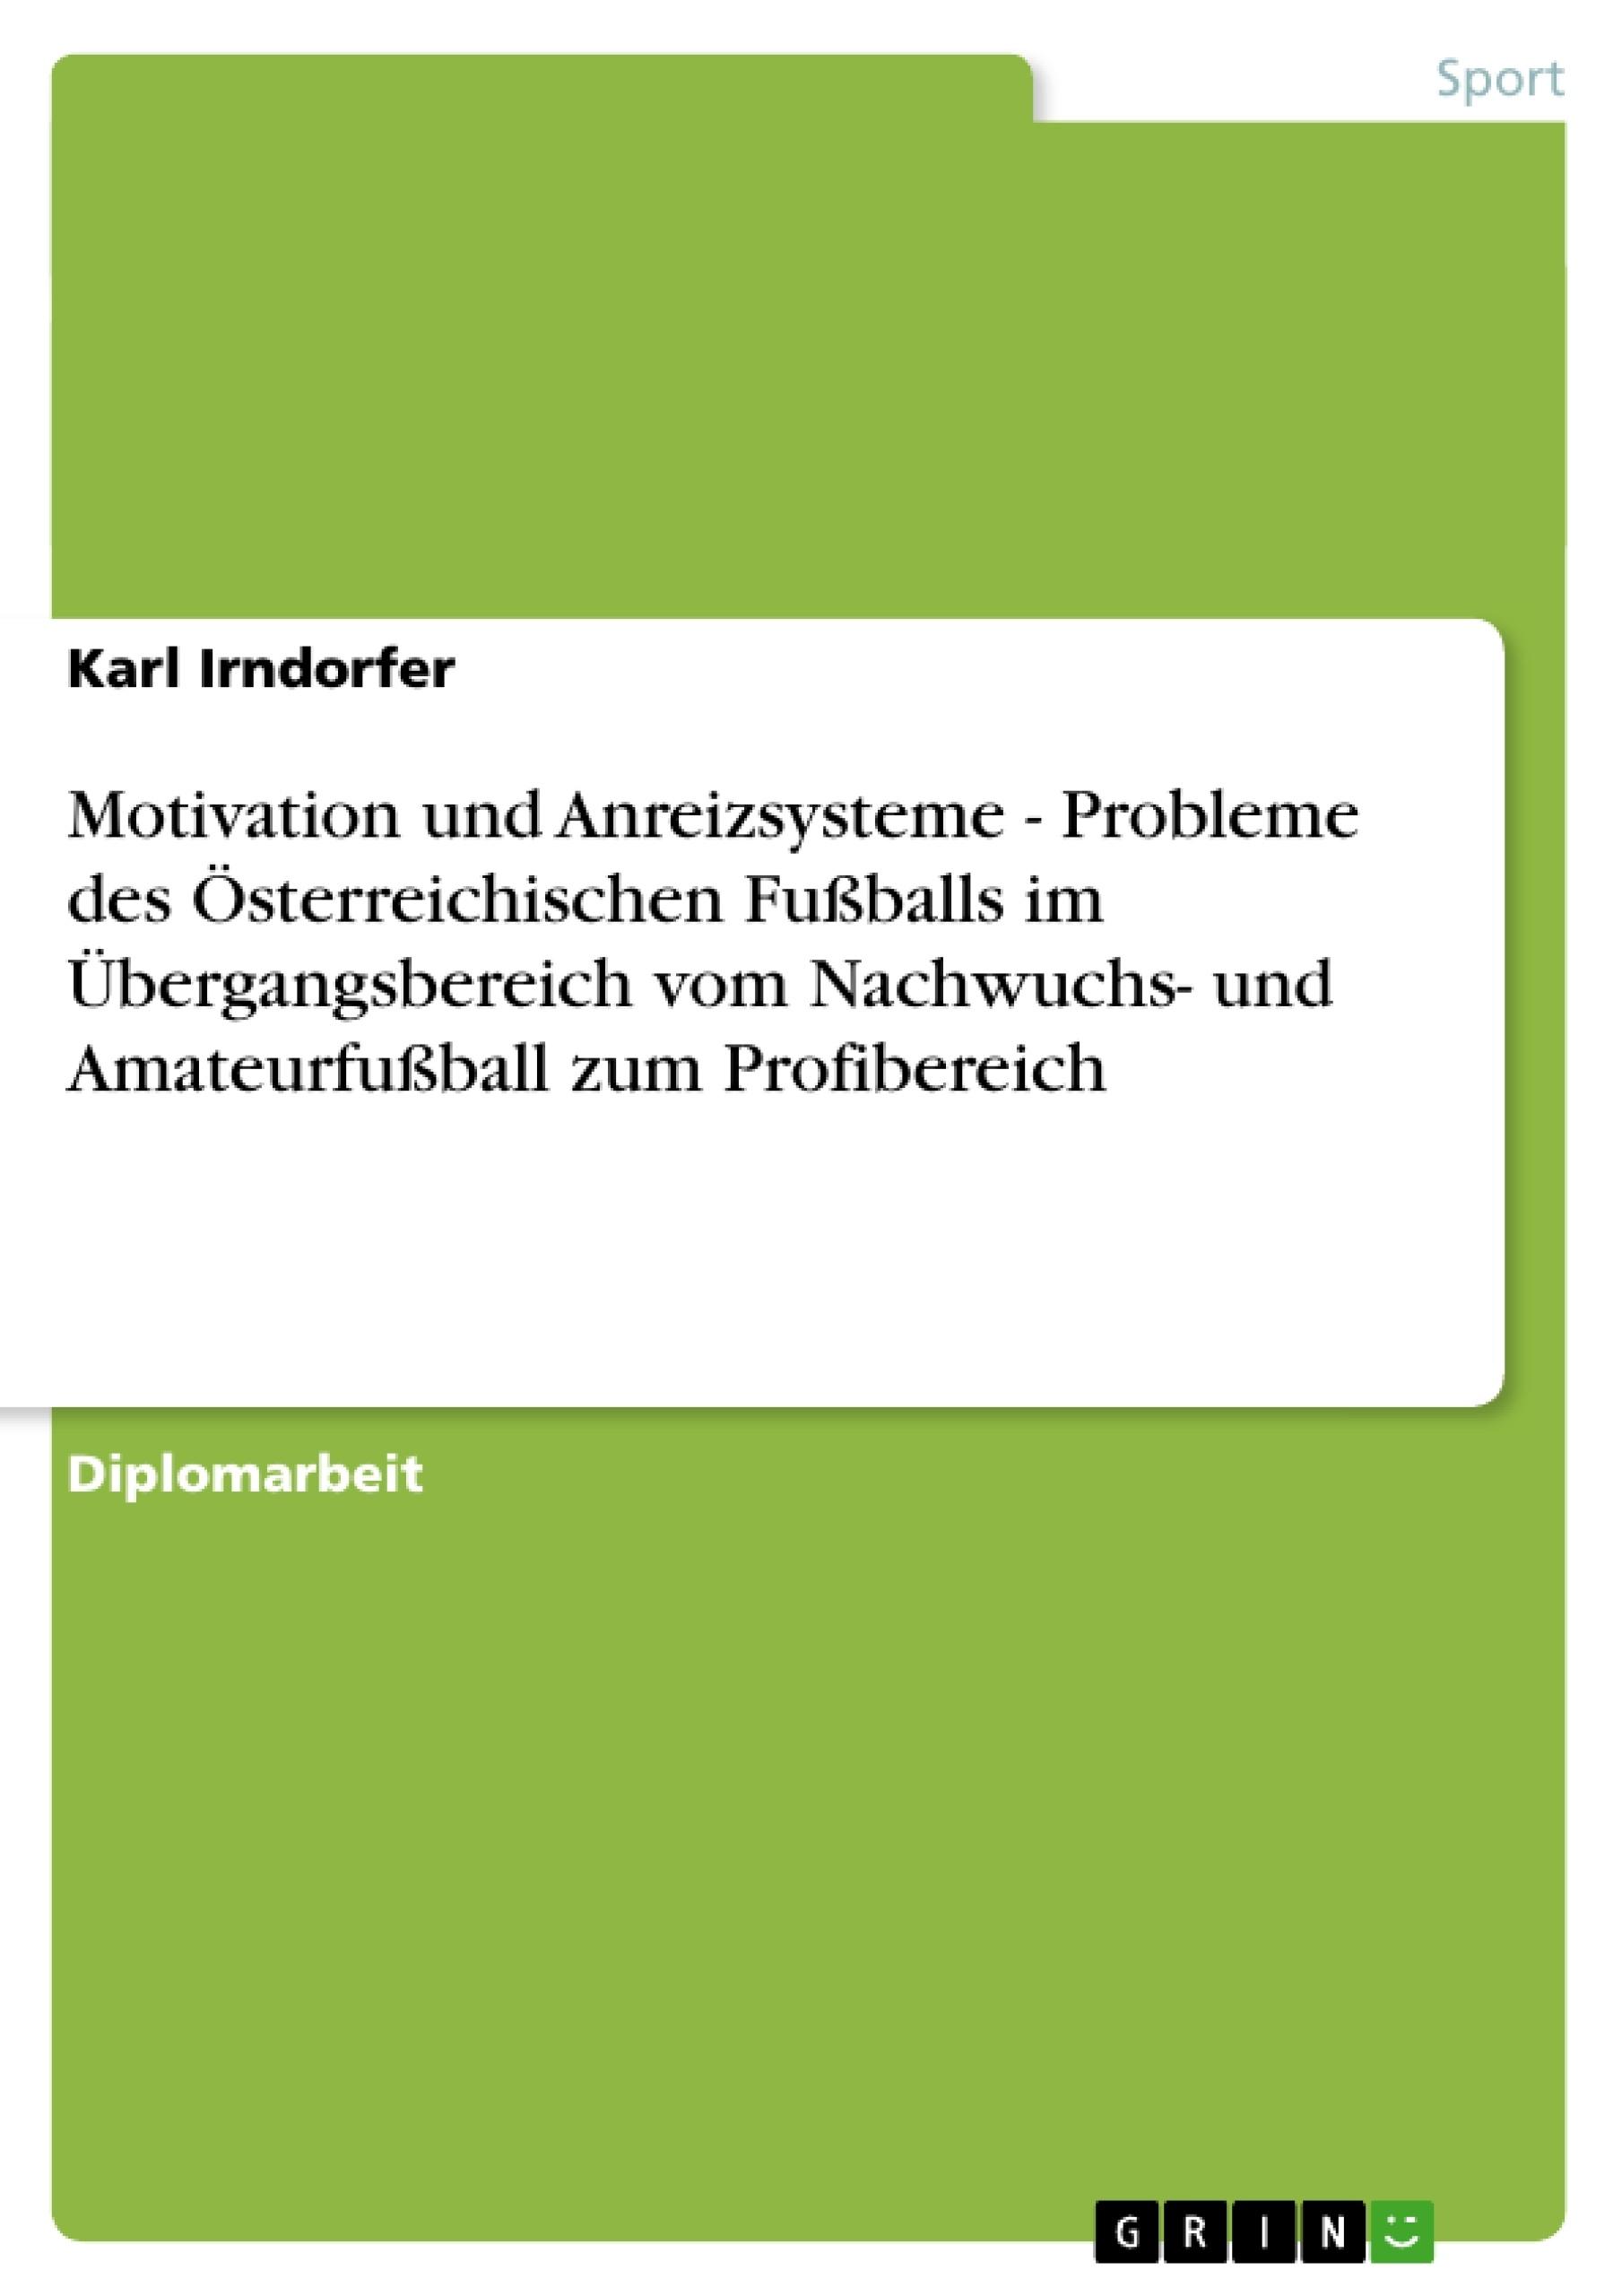 Titel: Motivation und Anreizsysteme - Probleme des Österreichischen Fußballs im Übergangsbereich vom Nachwuchs- und Amateurfußball zum Profibereich